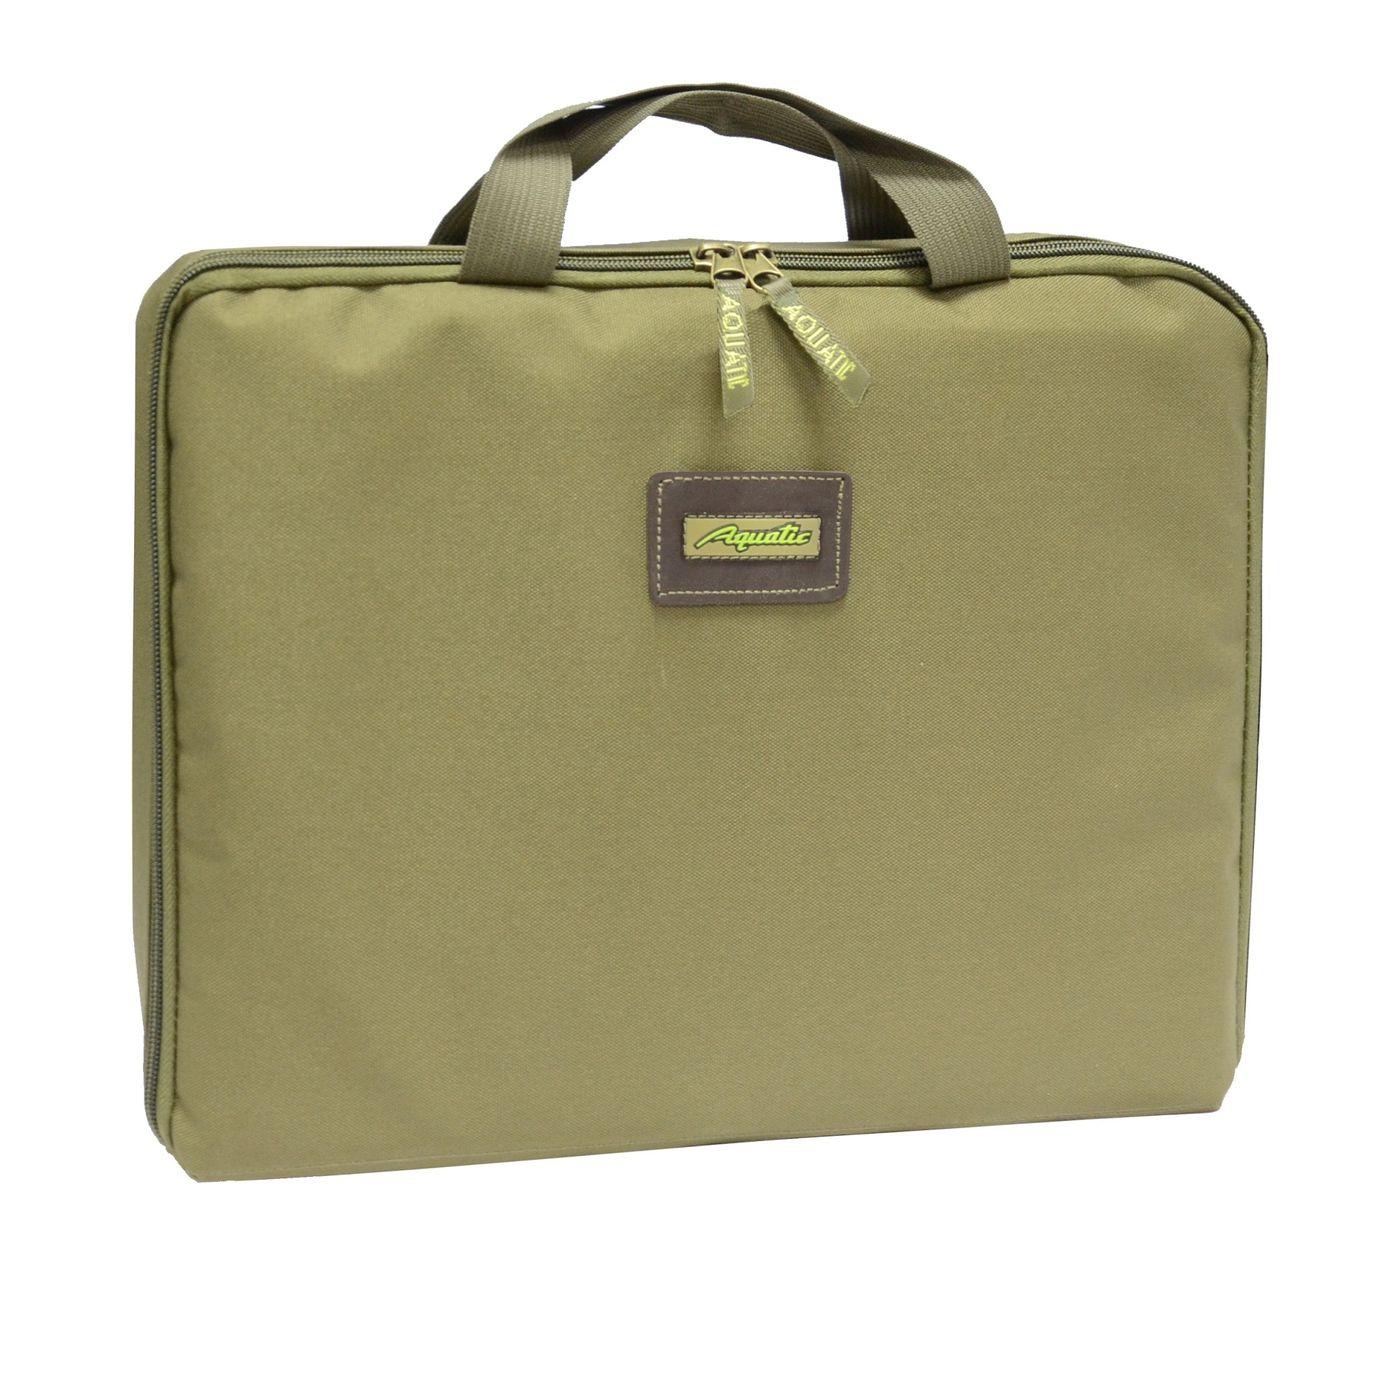 Bag For Buz Bars Aquatic C-37 C-37